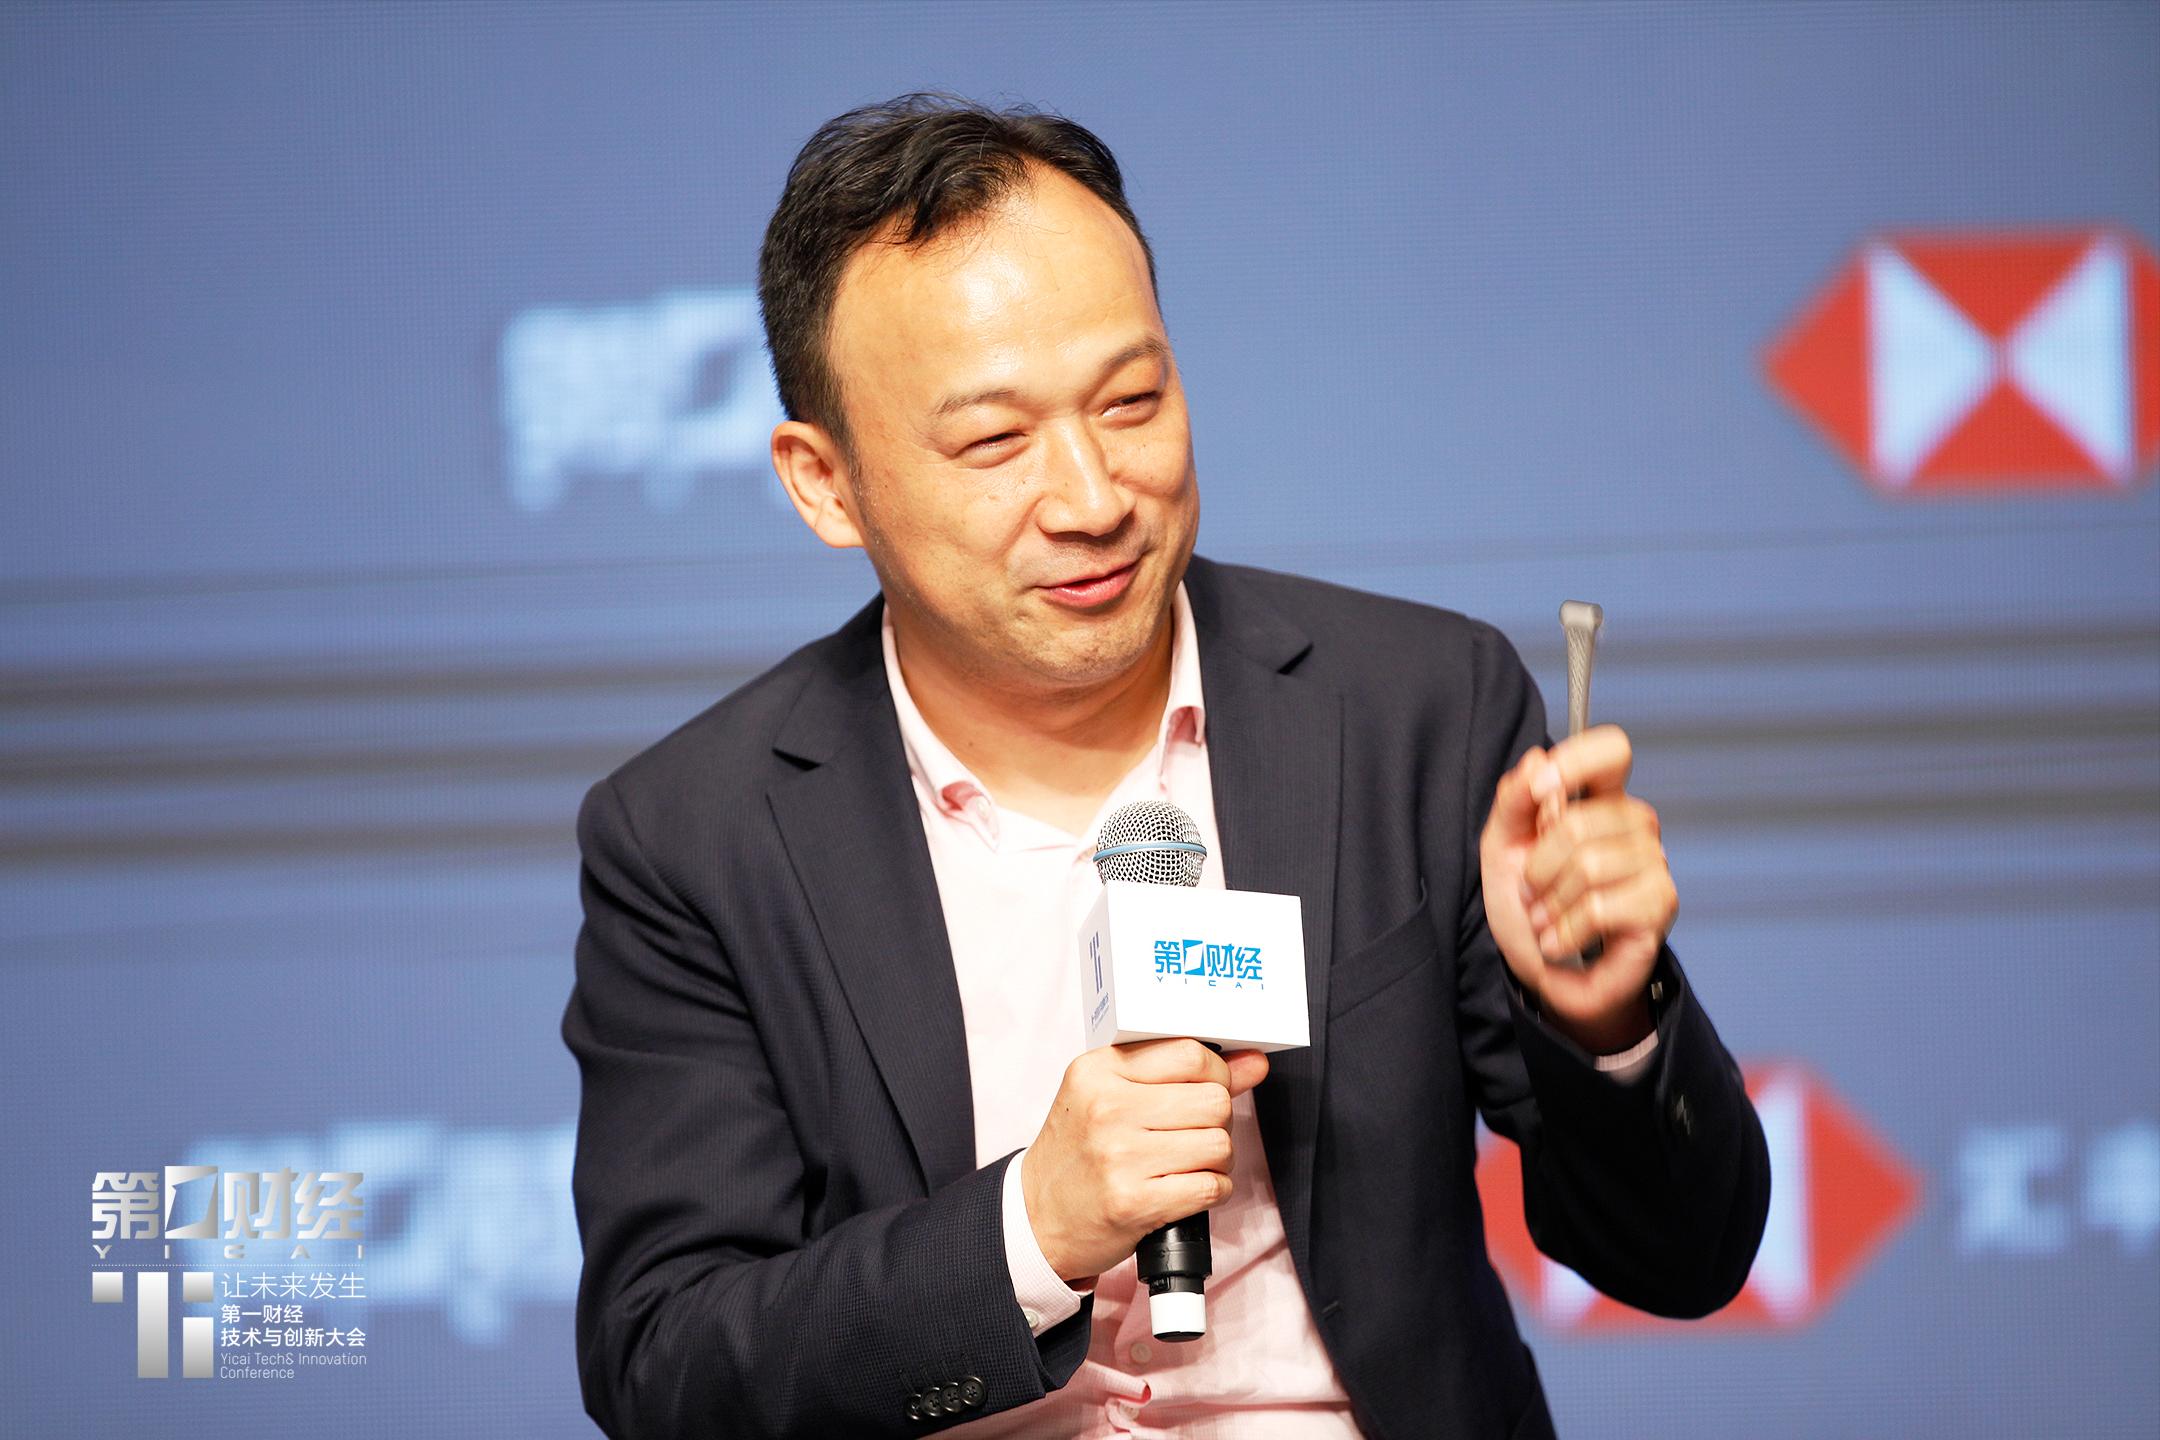 阿里巴巴集團副總裁、阿里雲副總裁劉松